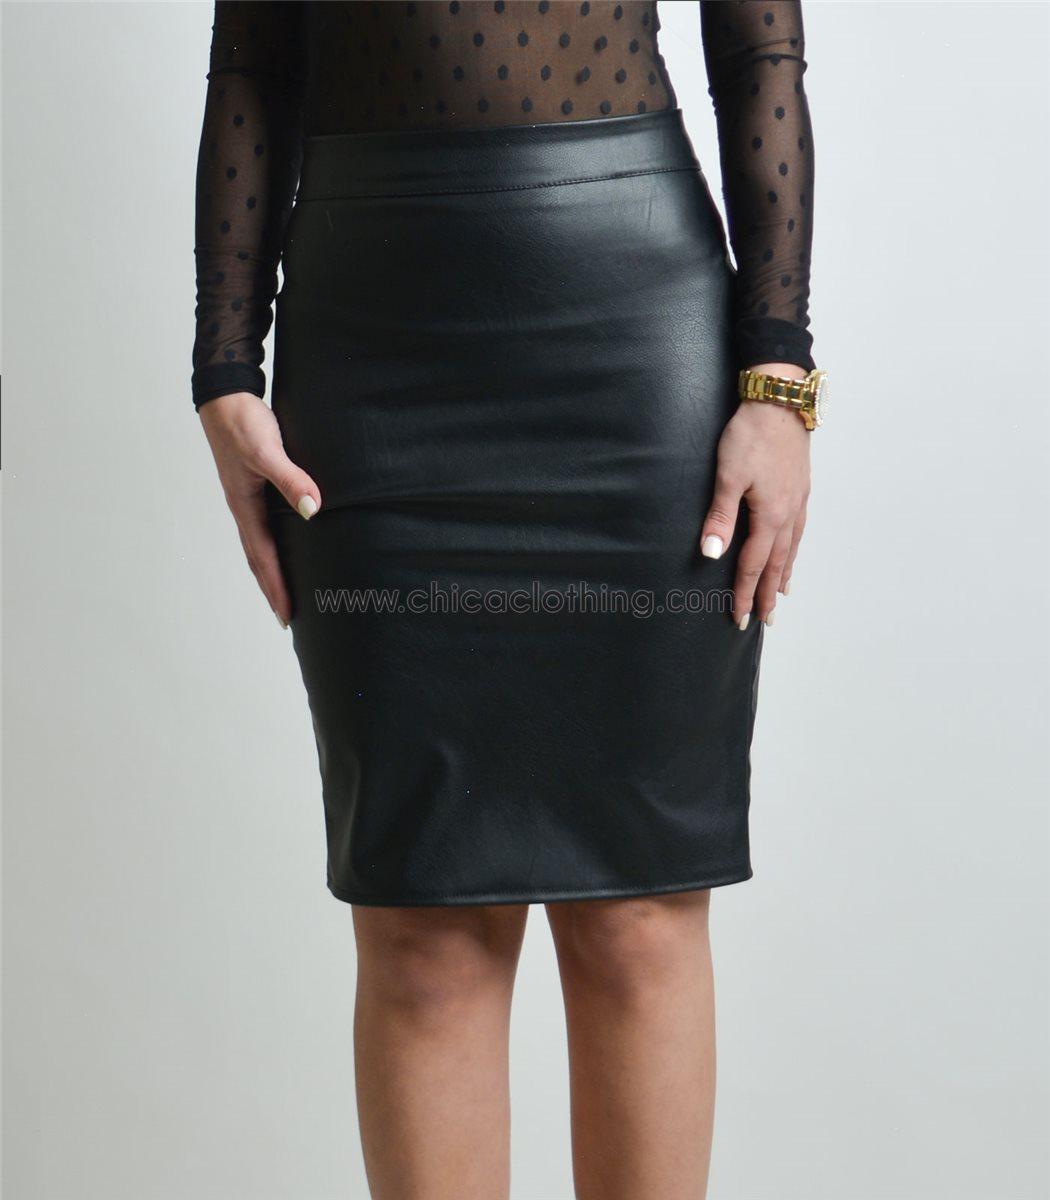 Γυναικεία φούστα δερματίνη με πιέτες και φερμουάρ (Μαύρη) 0612d3b0a2d